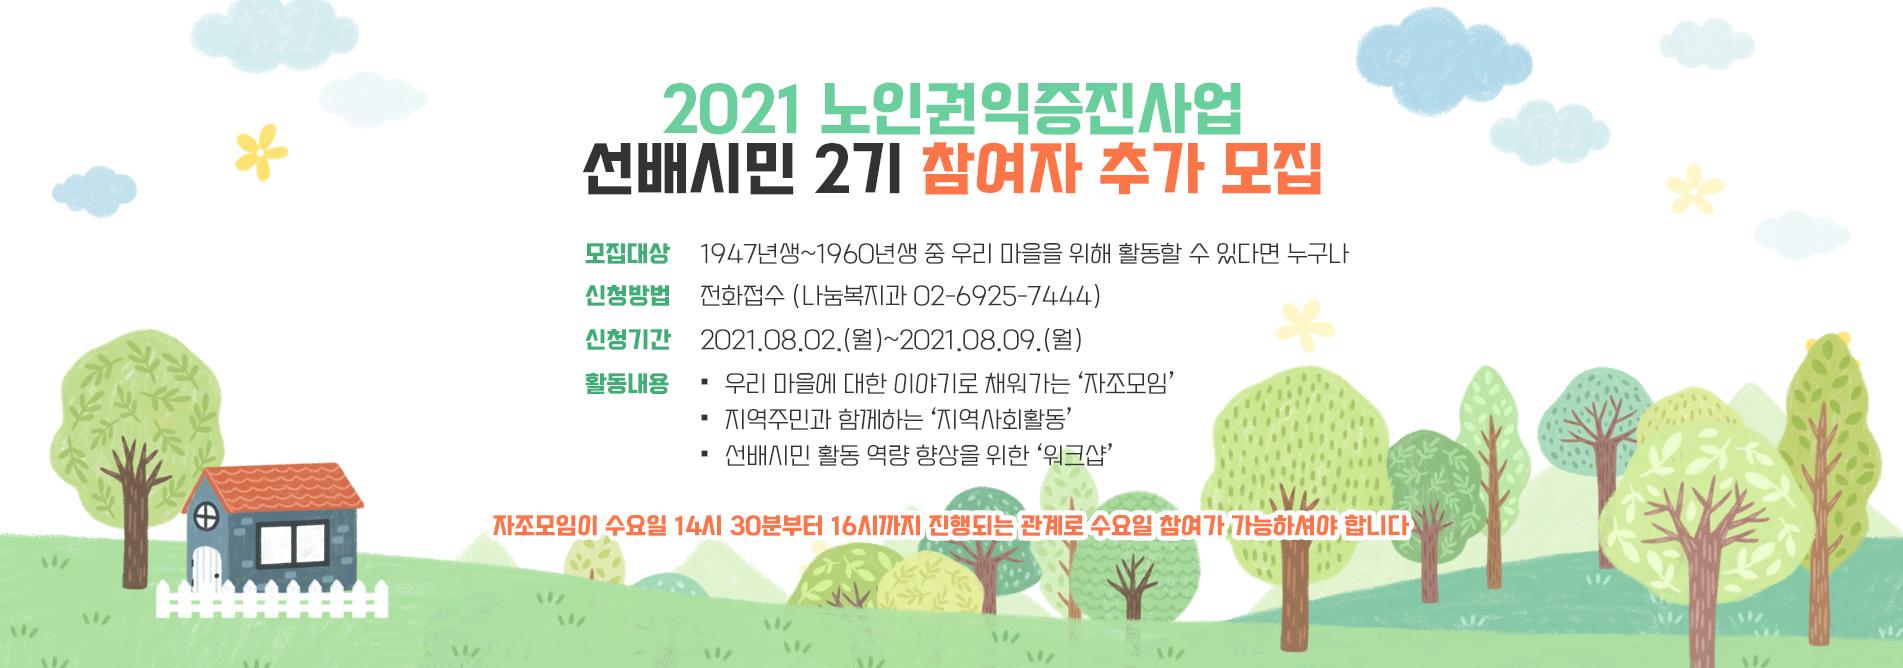 2021 노인권익증진사업 선배시민 2기 참여자 추가 모집